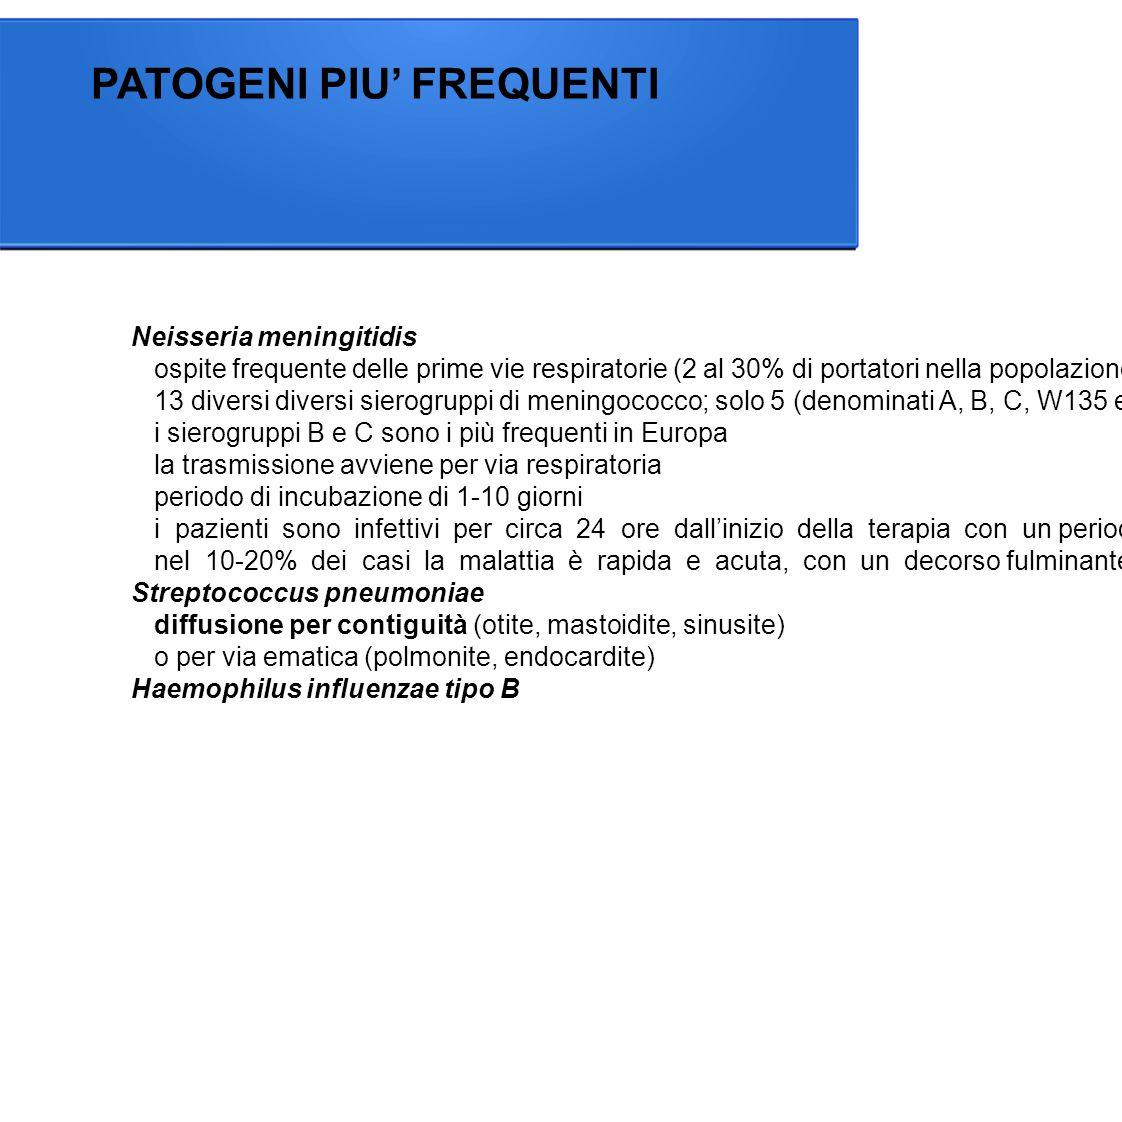 Neisseria meningitidis ospite frequente delle prime vie respiratorie (2 al 30% di portatori nella popolazione) 13 diversi diversi sierogruppi di meningococco; solo 5 (denominati A, B, C, W135 e Y) causano meningite e altre malattie gravi i sierogruppi B e C sono i più frequenti in Europa la trasmissione avviene per via respiratoria periodo di incubazione di 1-10 giorni i pazienti sono infettivi per circa 24 ore dall'inizio della terapia con un periodo di incubazione di 1-10 giorni nel 10-20% dei casi la malattia è rapida e acuta, con un decorso fulminante che può portare al decesso in poche ore nonostante una terapia adeguata.